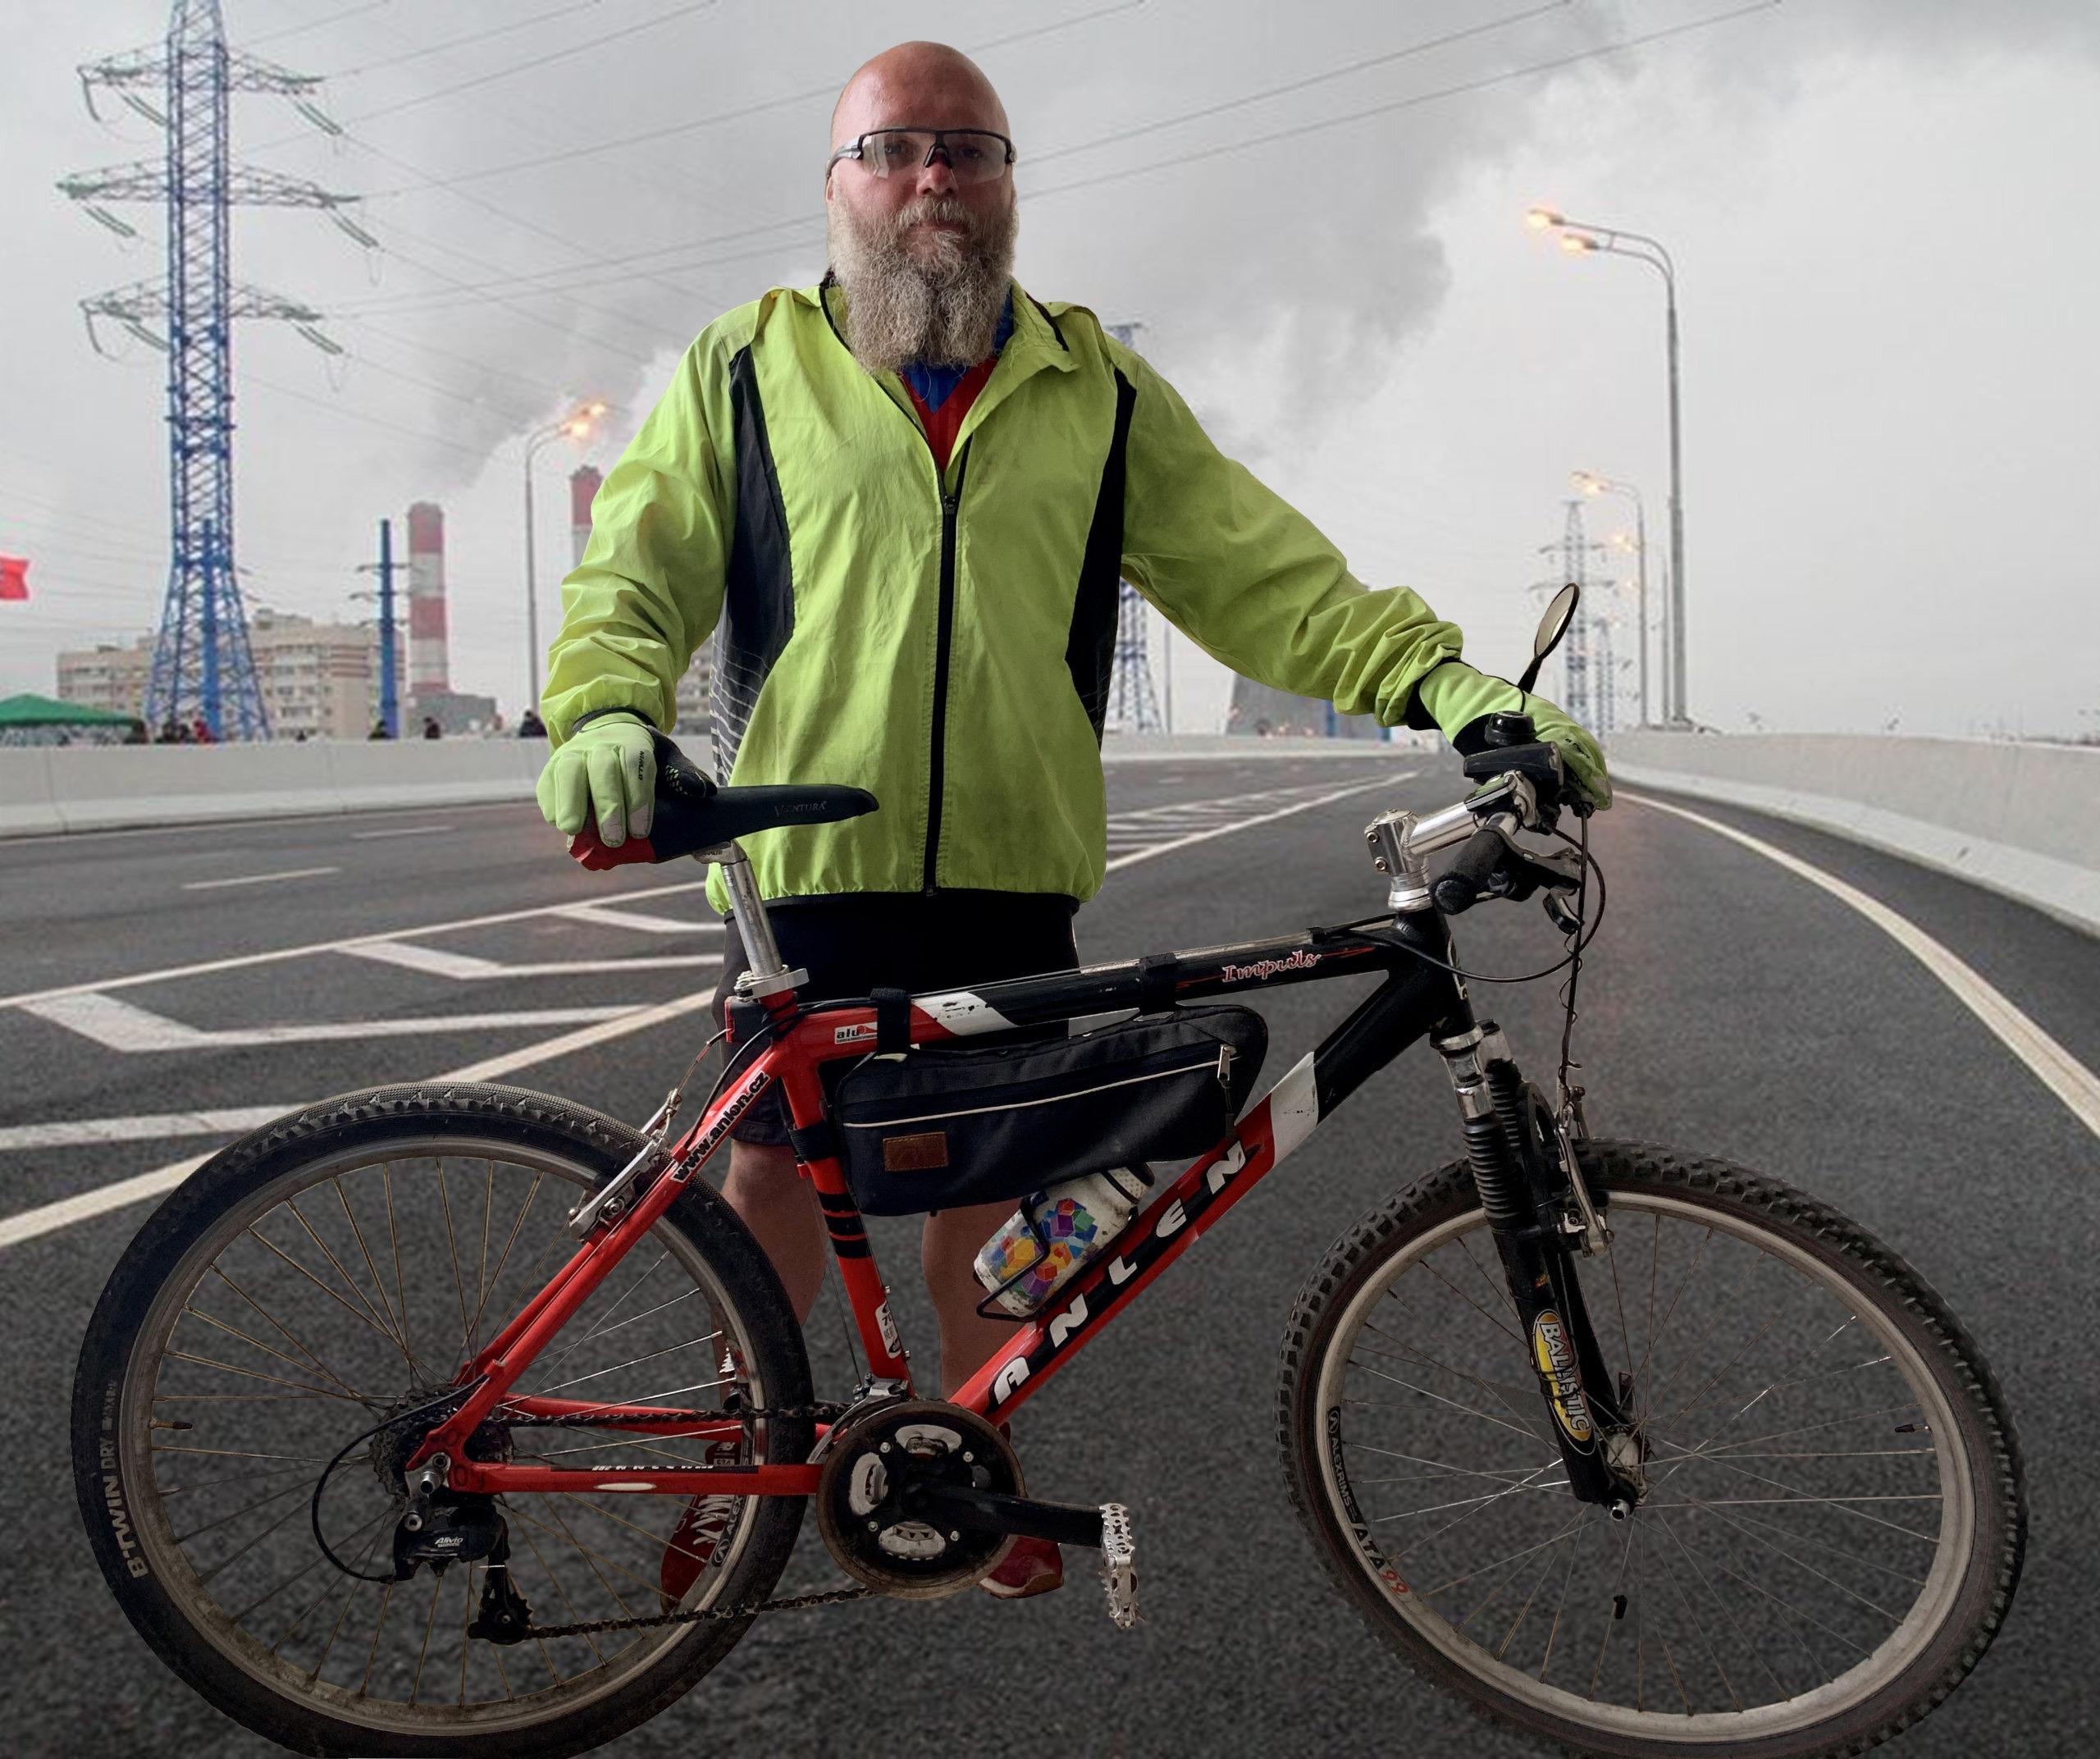 Велосипед как лучший способ самоизоляции во время пандемии